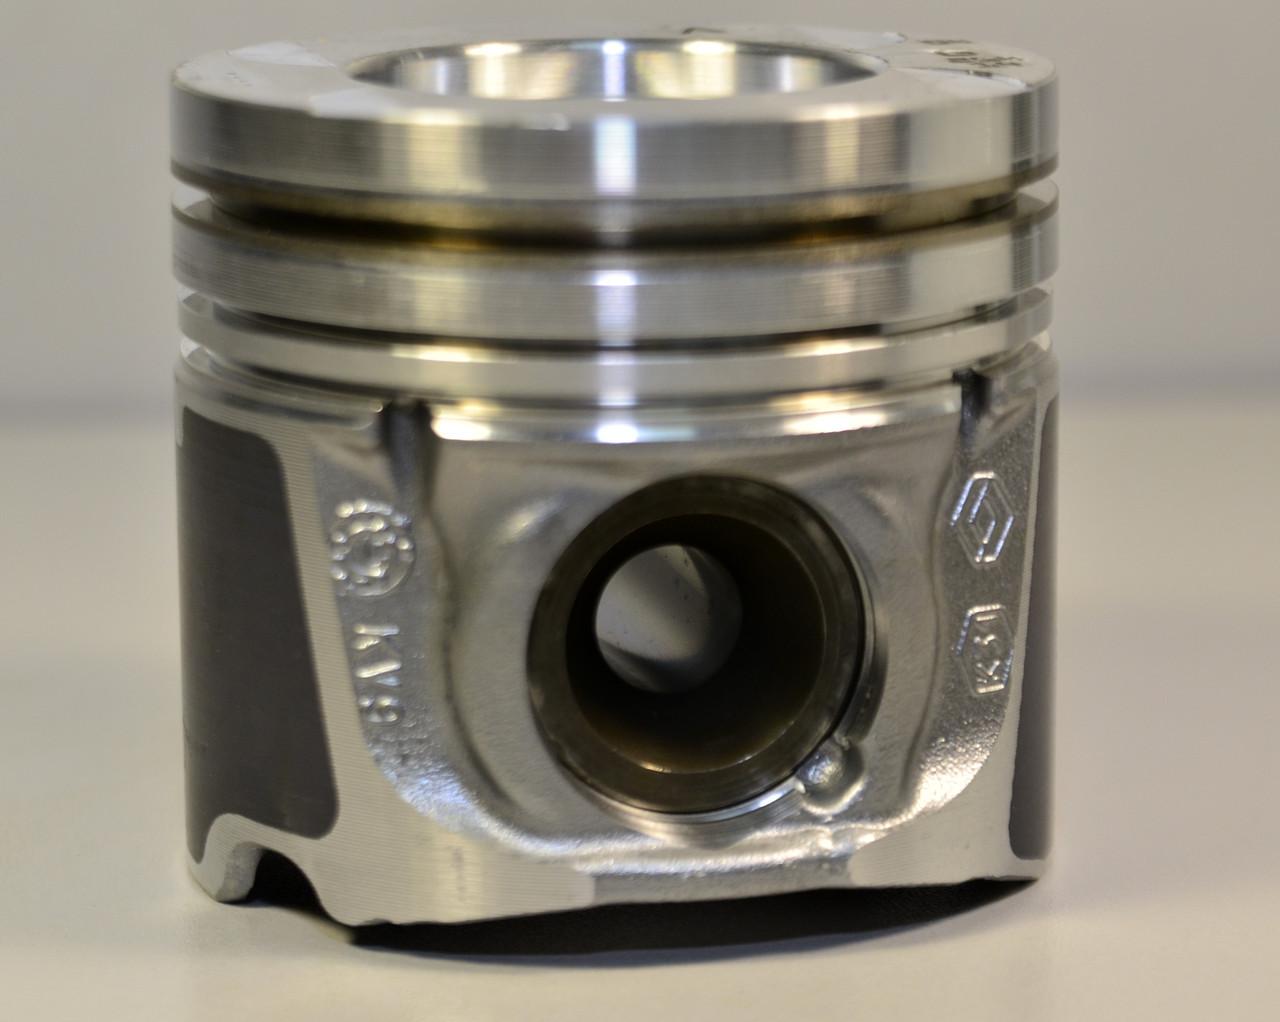 Поршень на Renault Trafic  2006->  2.0dCi (под палец d=32mm)  —  Renault (Оригинал)  - 7701477818